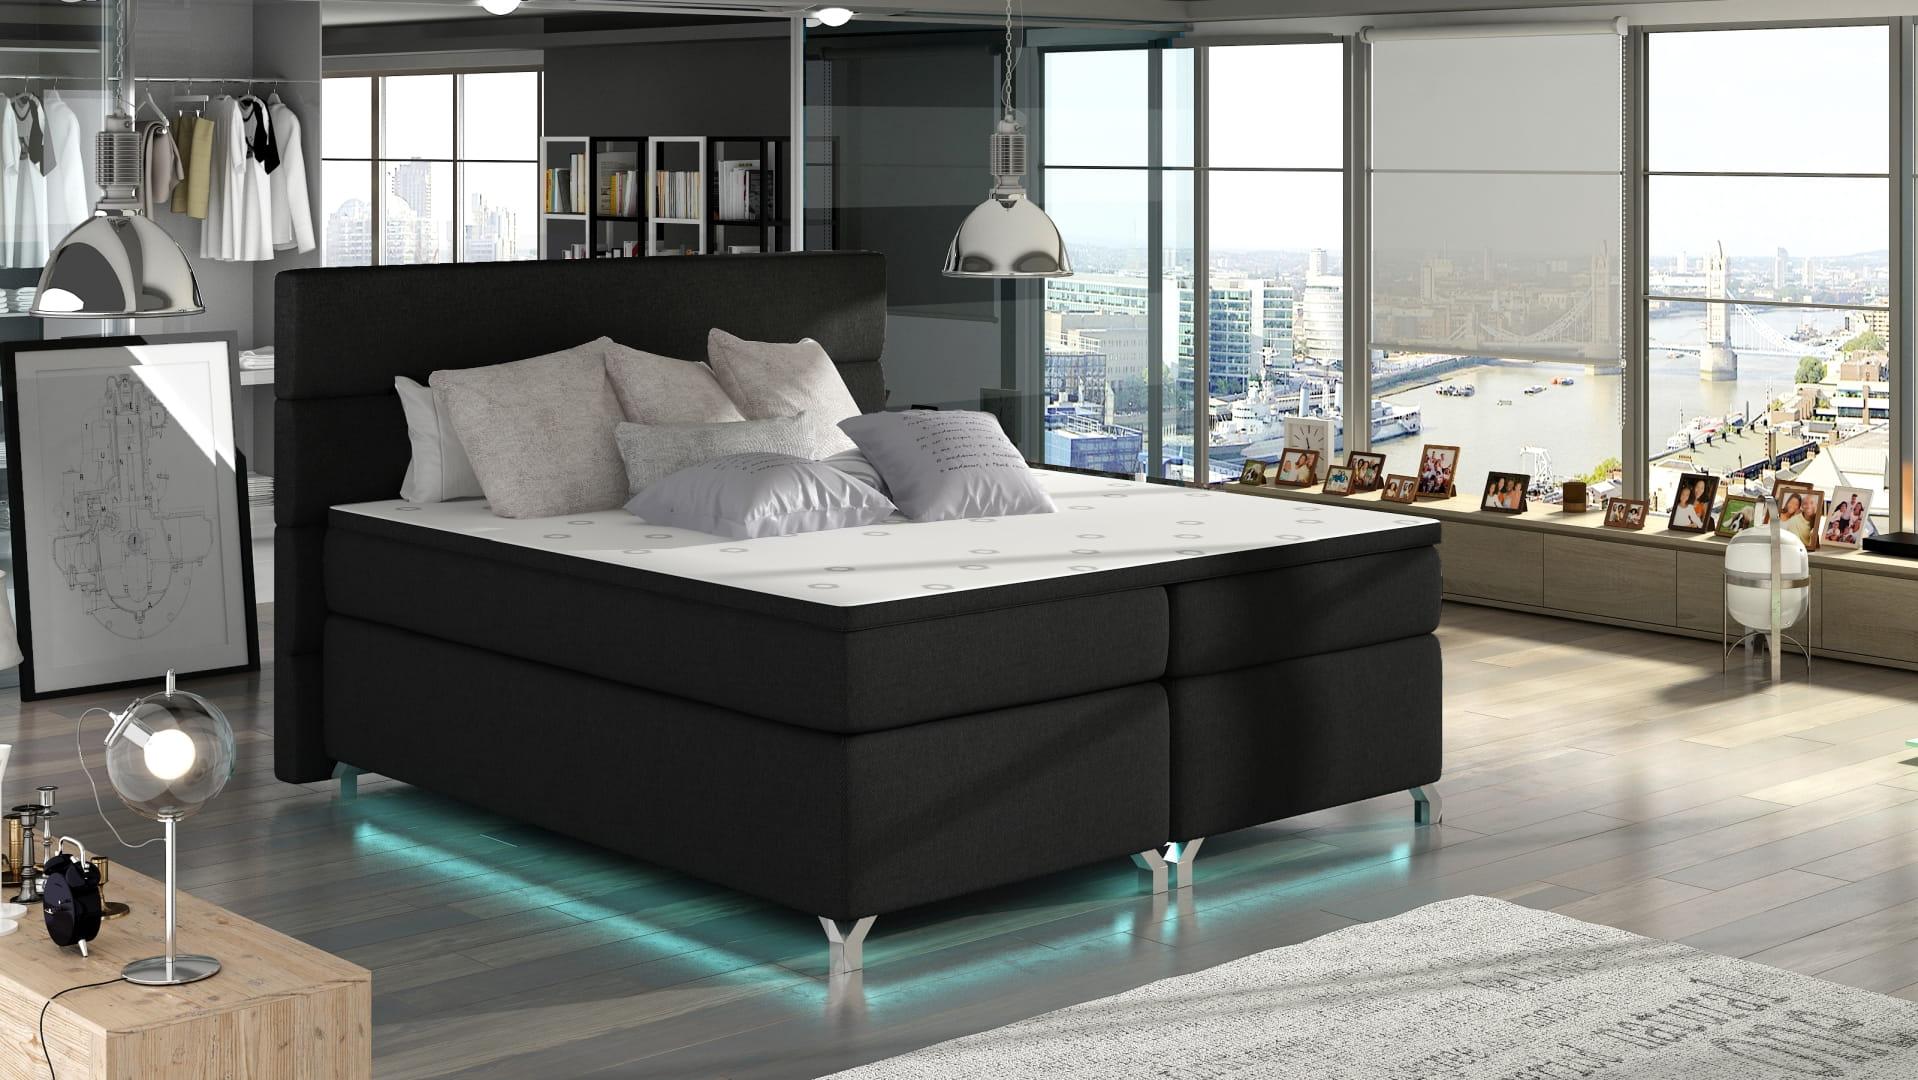 boxspringbett alyssa deine moebel 24 einfach einrichten. Black Bedroom Furniture Sets. Home Design Ideas